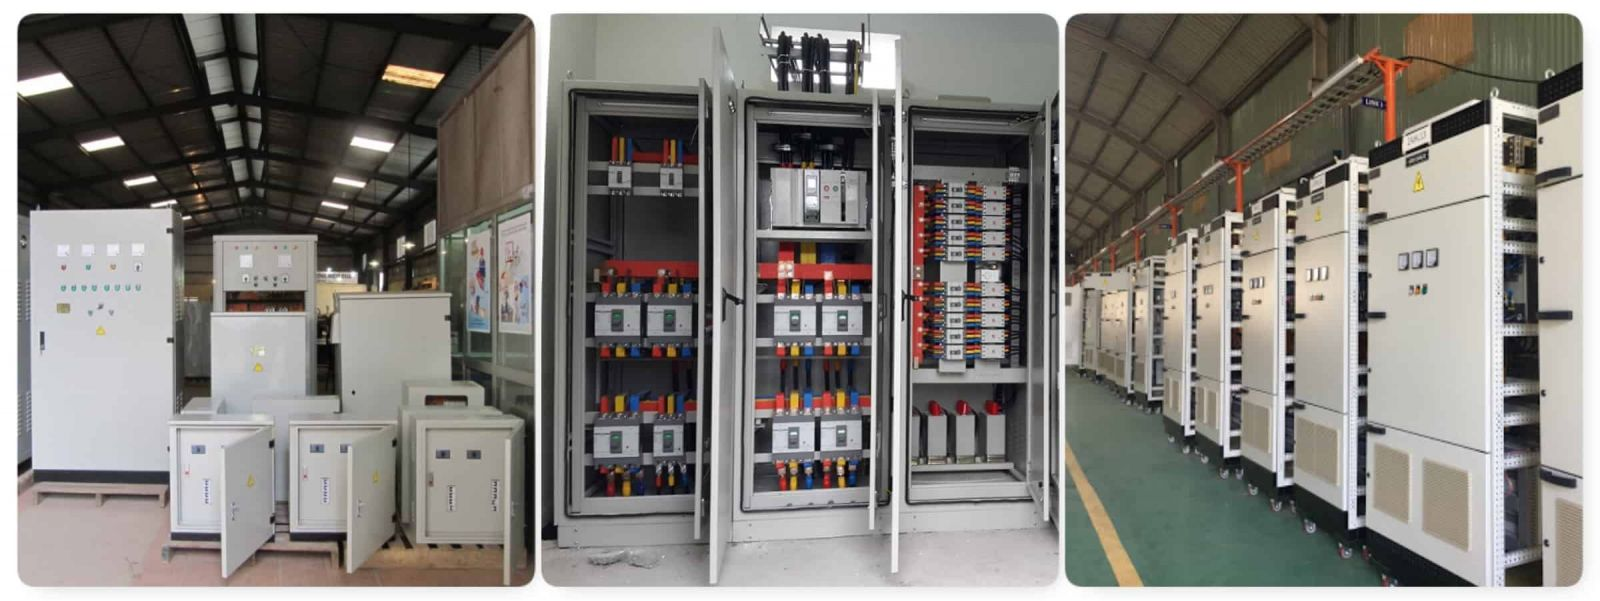 Hình ảnh tủ điện công nghiệp